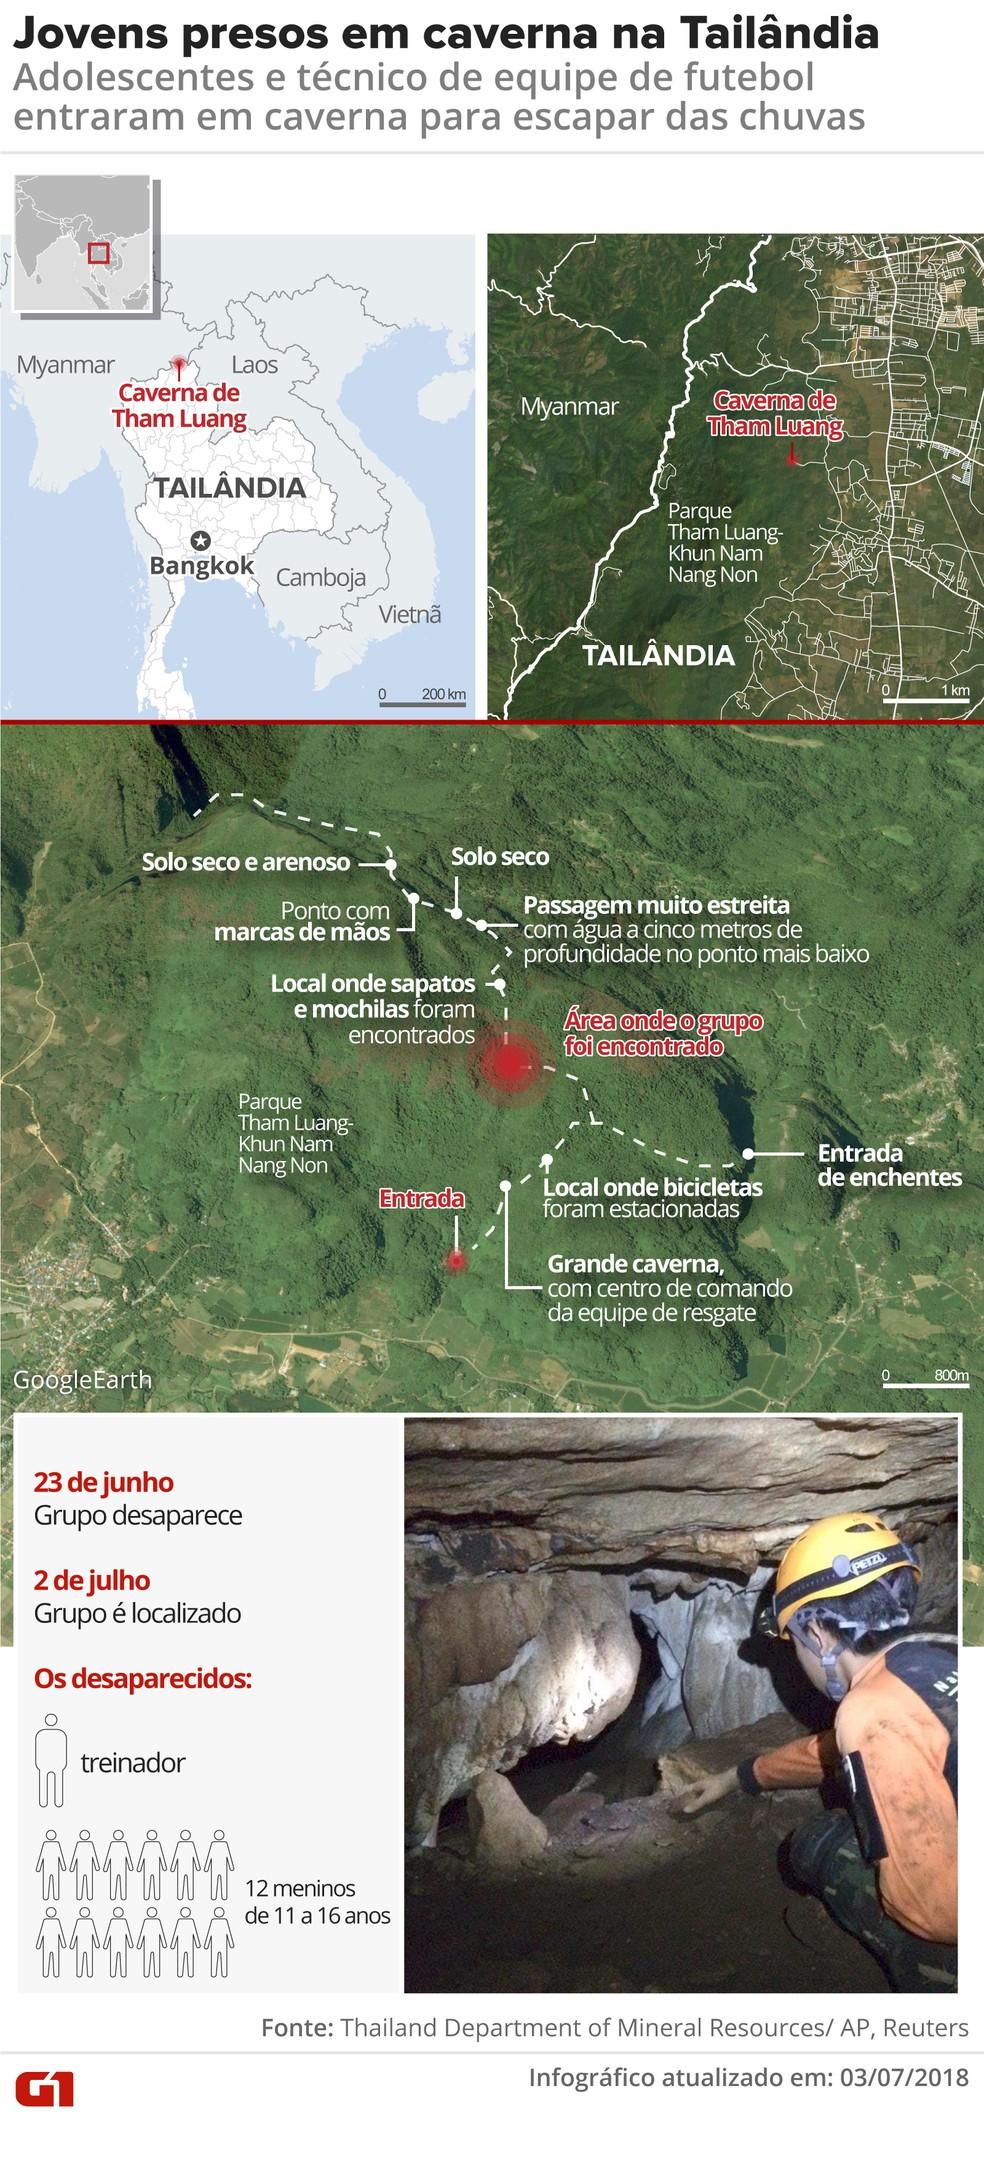 Mapa mostra local de caverna em que jovens ficaram presos na Tailândia (Foto: Juliane Monteiro/G1)